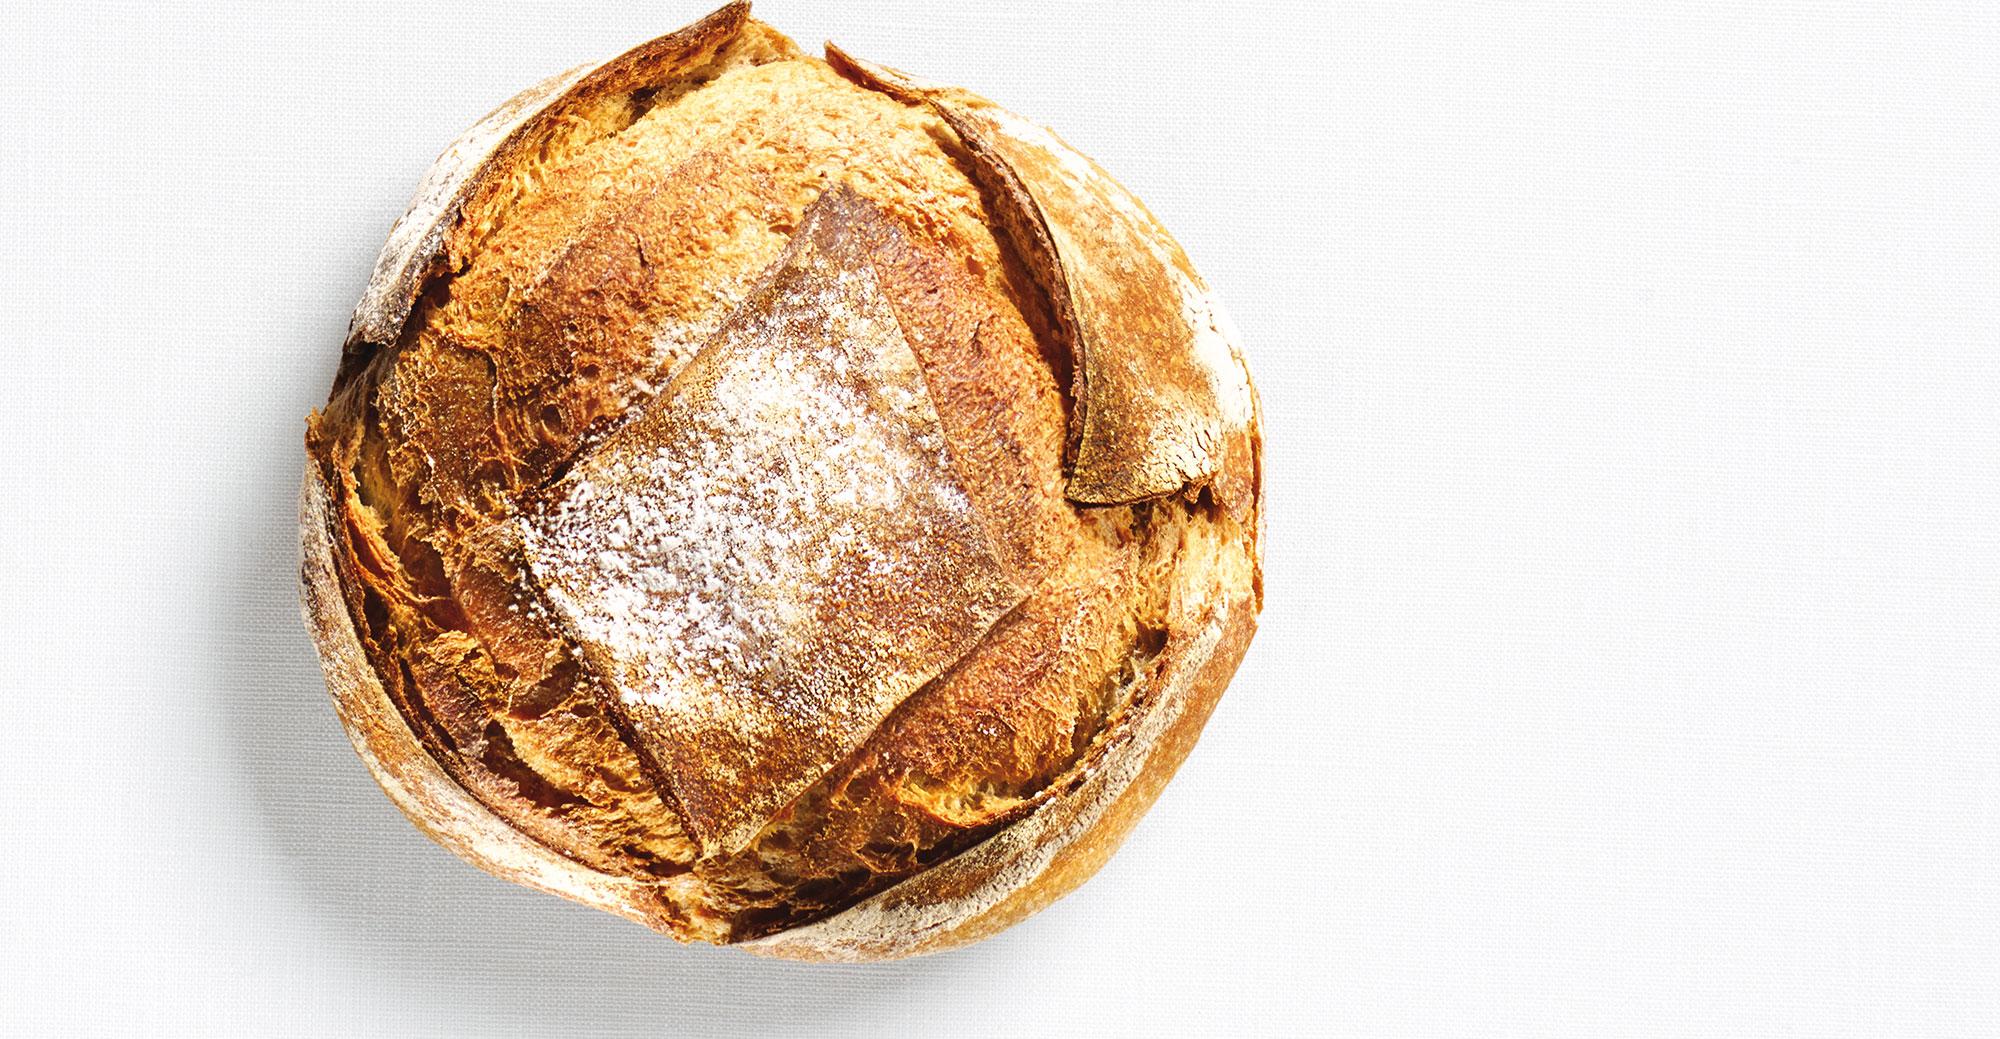 Le gluten : qu'en est-il ?